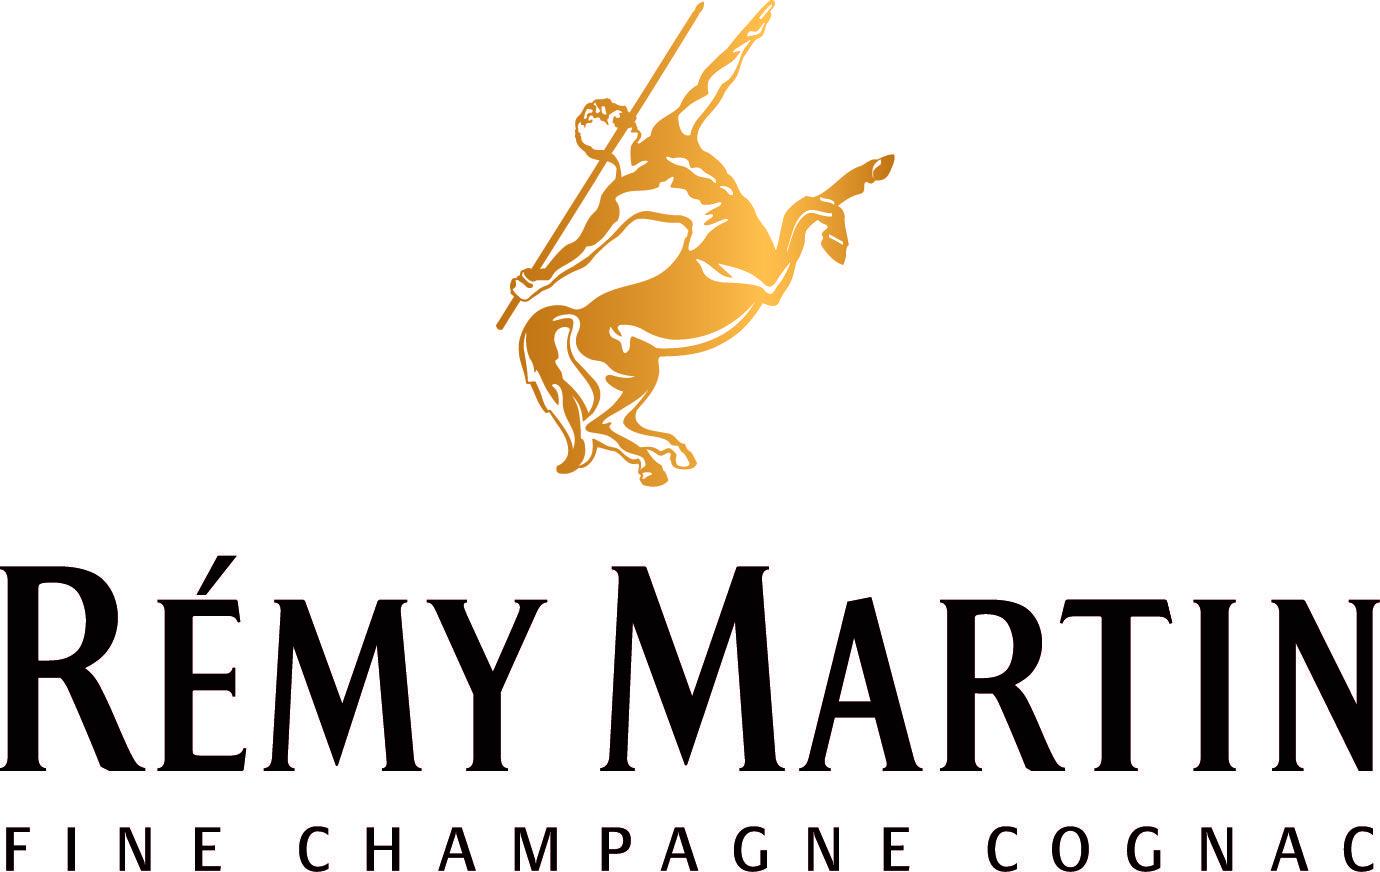 1724 Remy Martin Cognac France Remymartin Cognac L16220 Remy Martin Cognac Cognac Cocktail